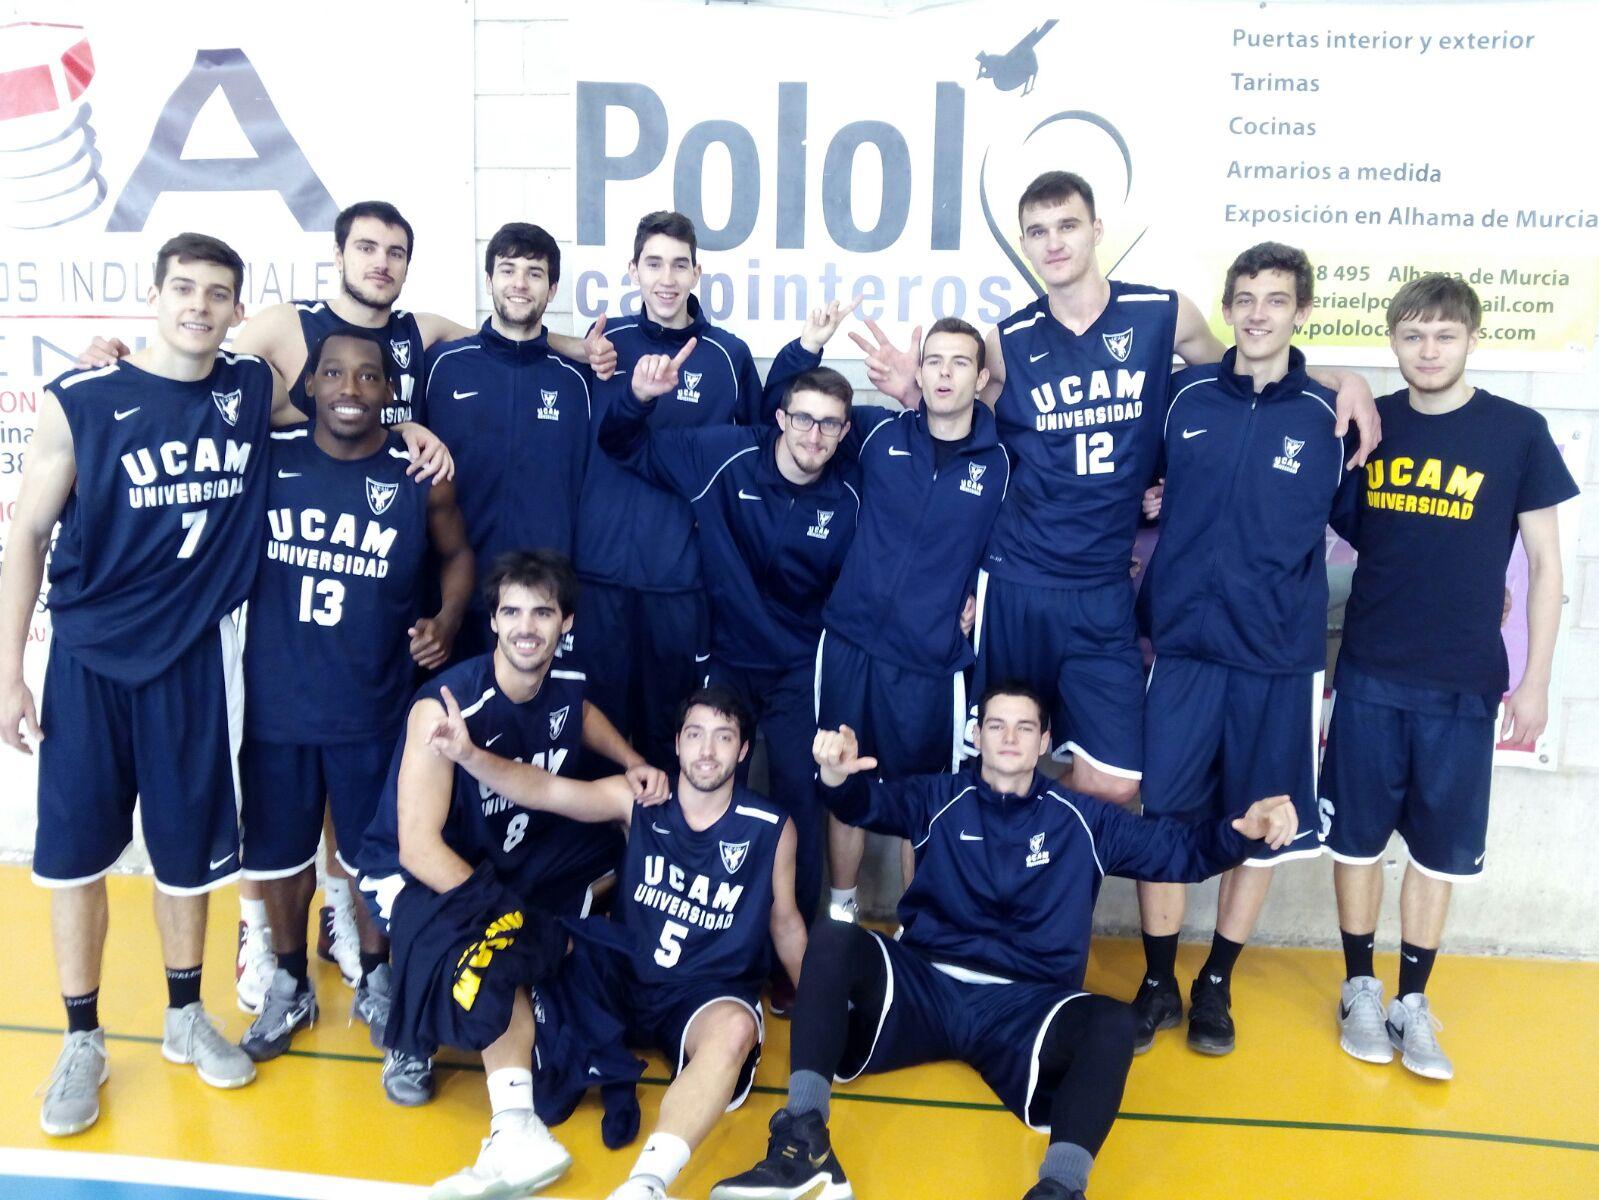 El equipo universitario tras su victoria frente a la UMU. PABLO J. SÁNCHEZ